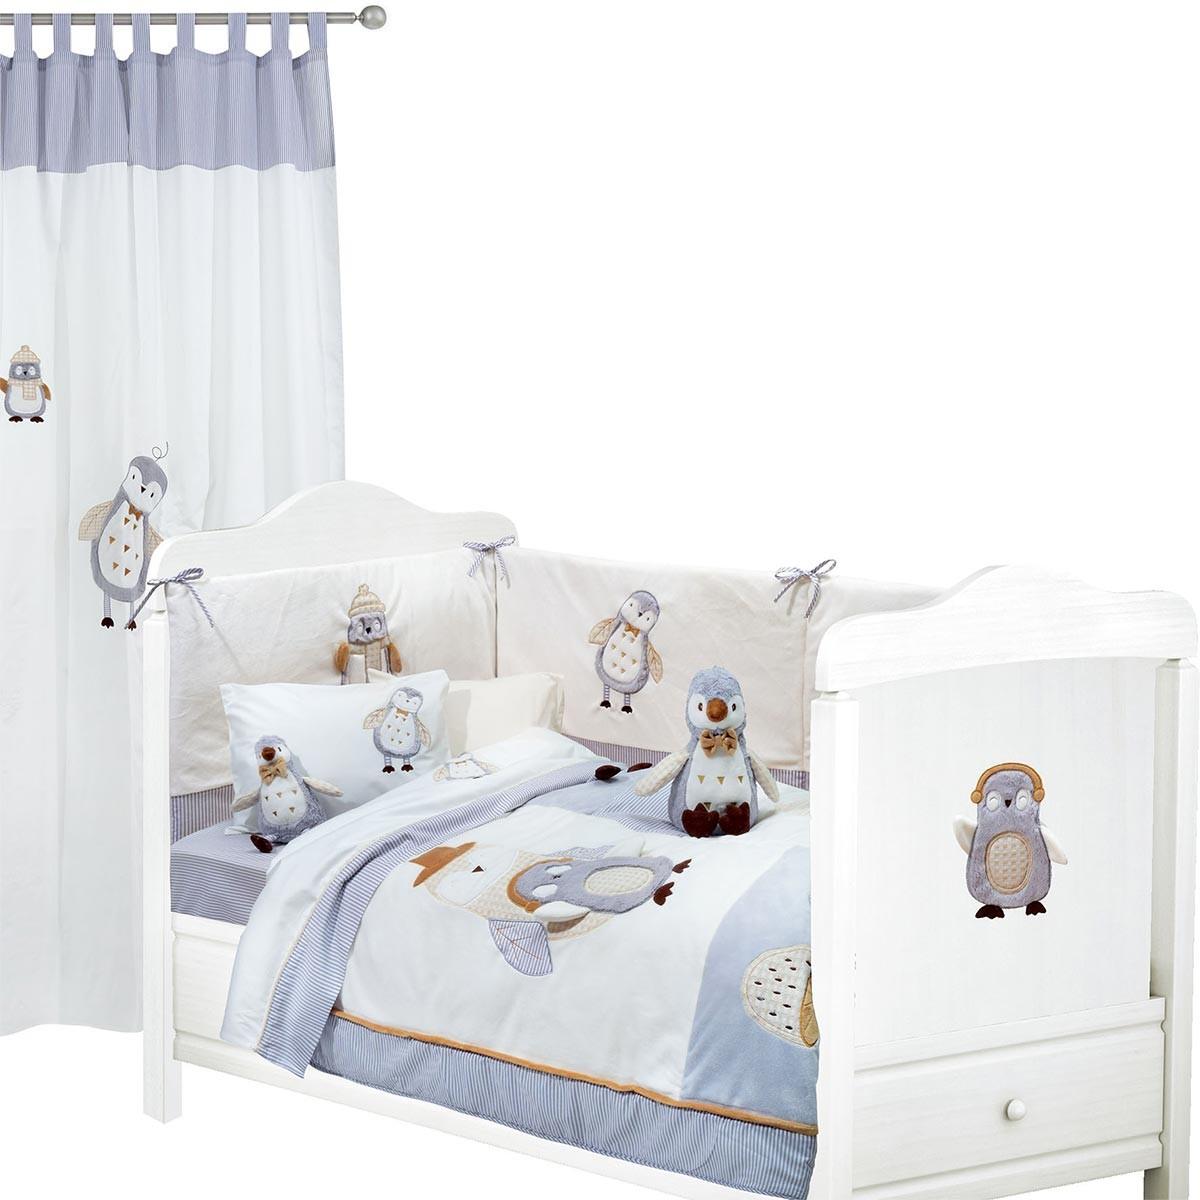 Κουβερλί Κούνιας (Σετ) Das Home Dream Embroidery 6394